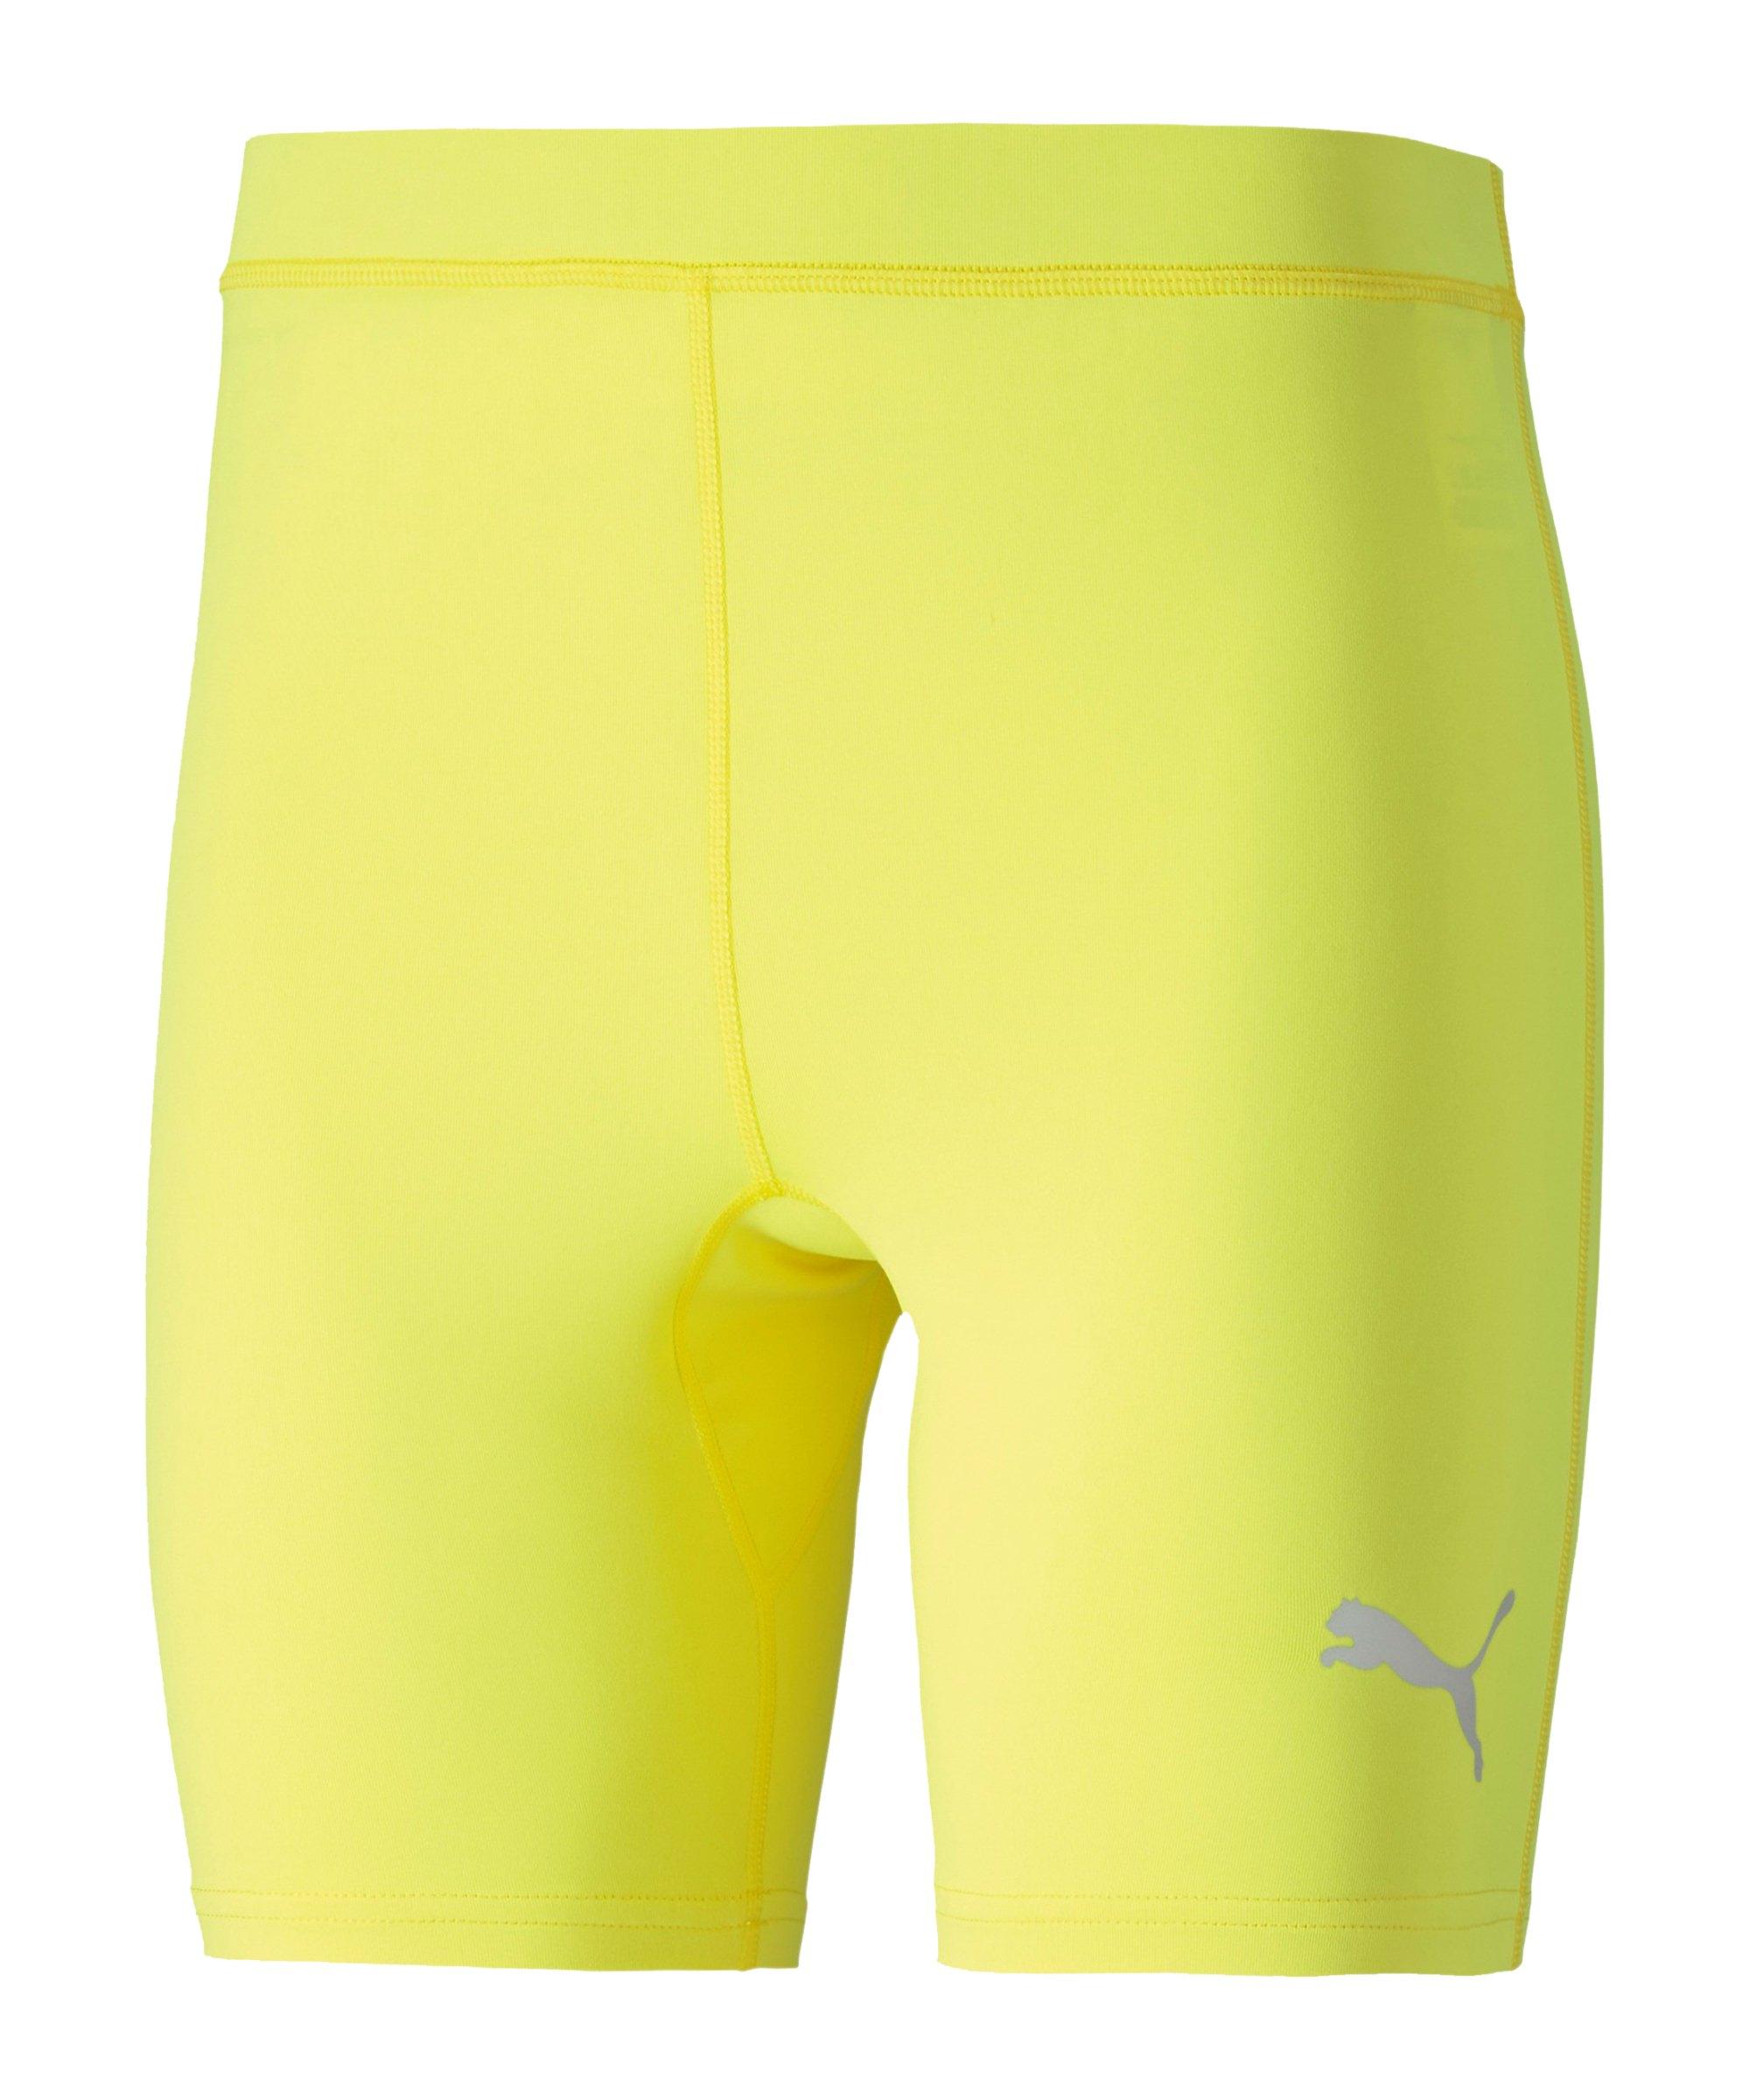 PUMA LIGA Baselayer Short Gelb F33 - gelb